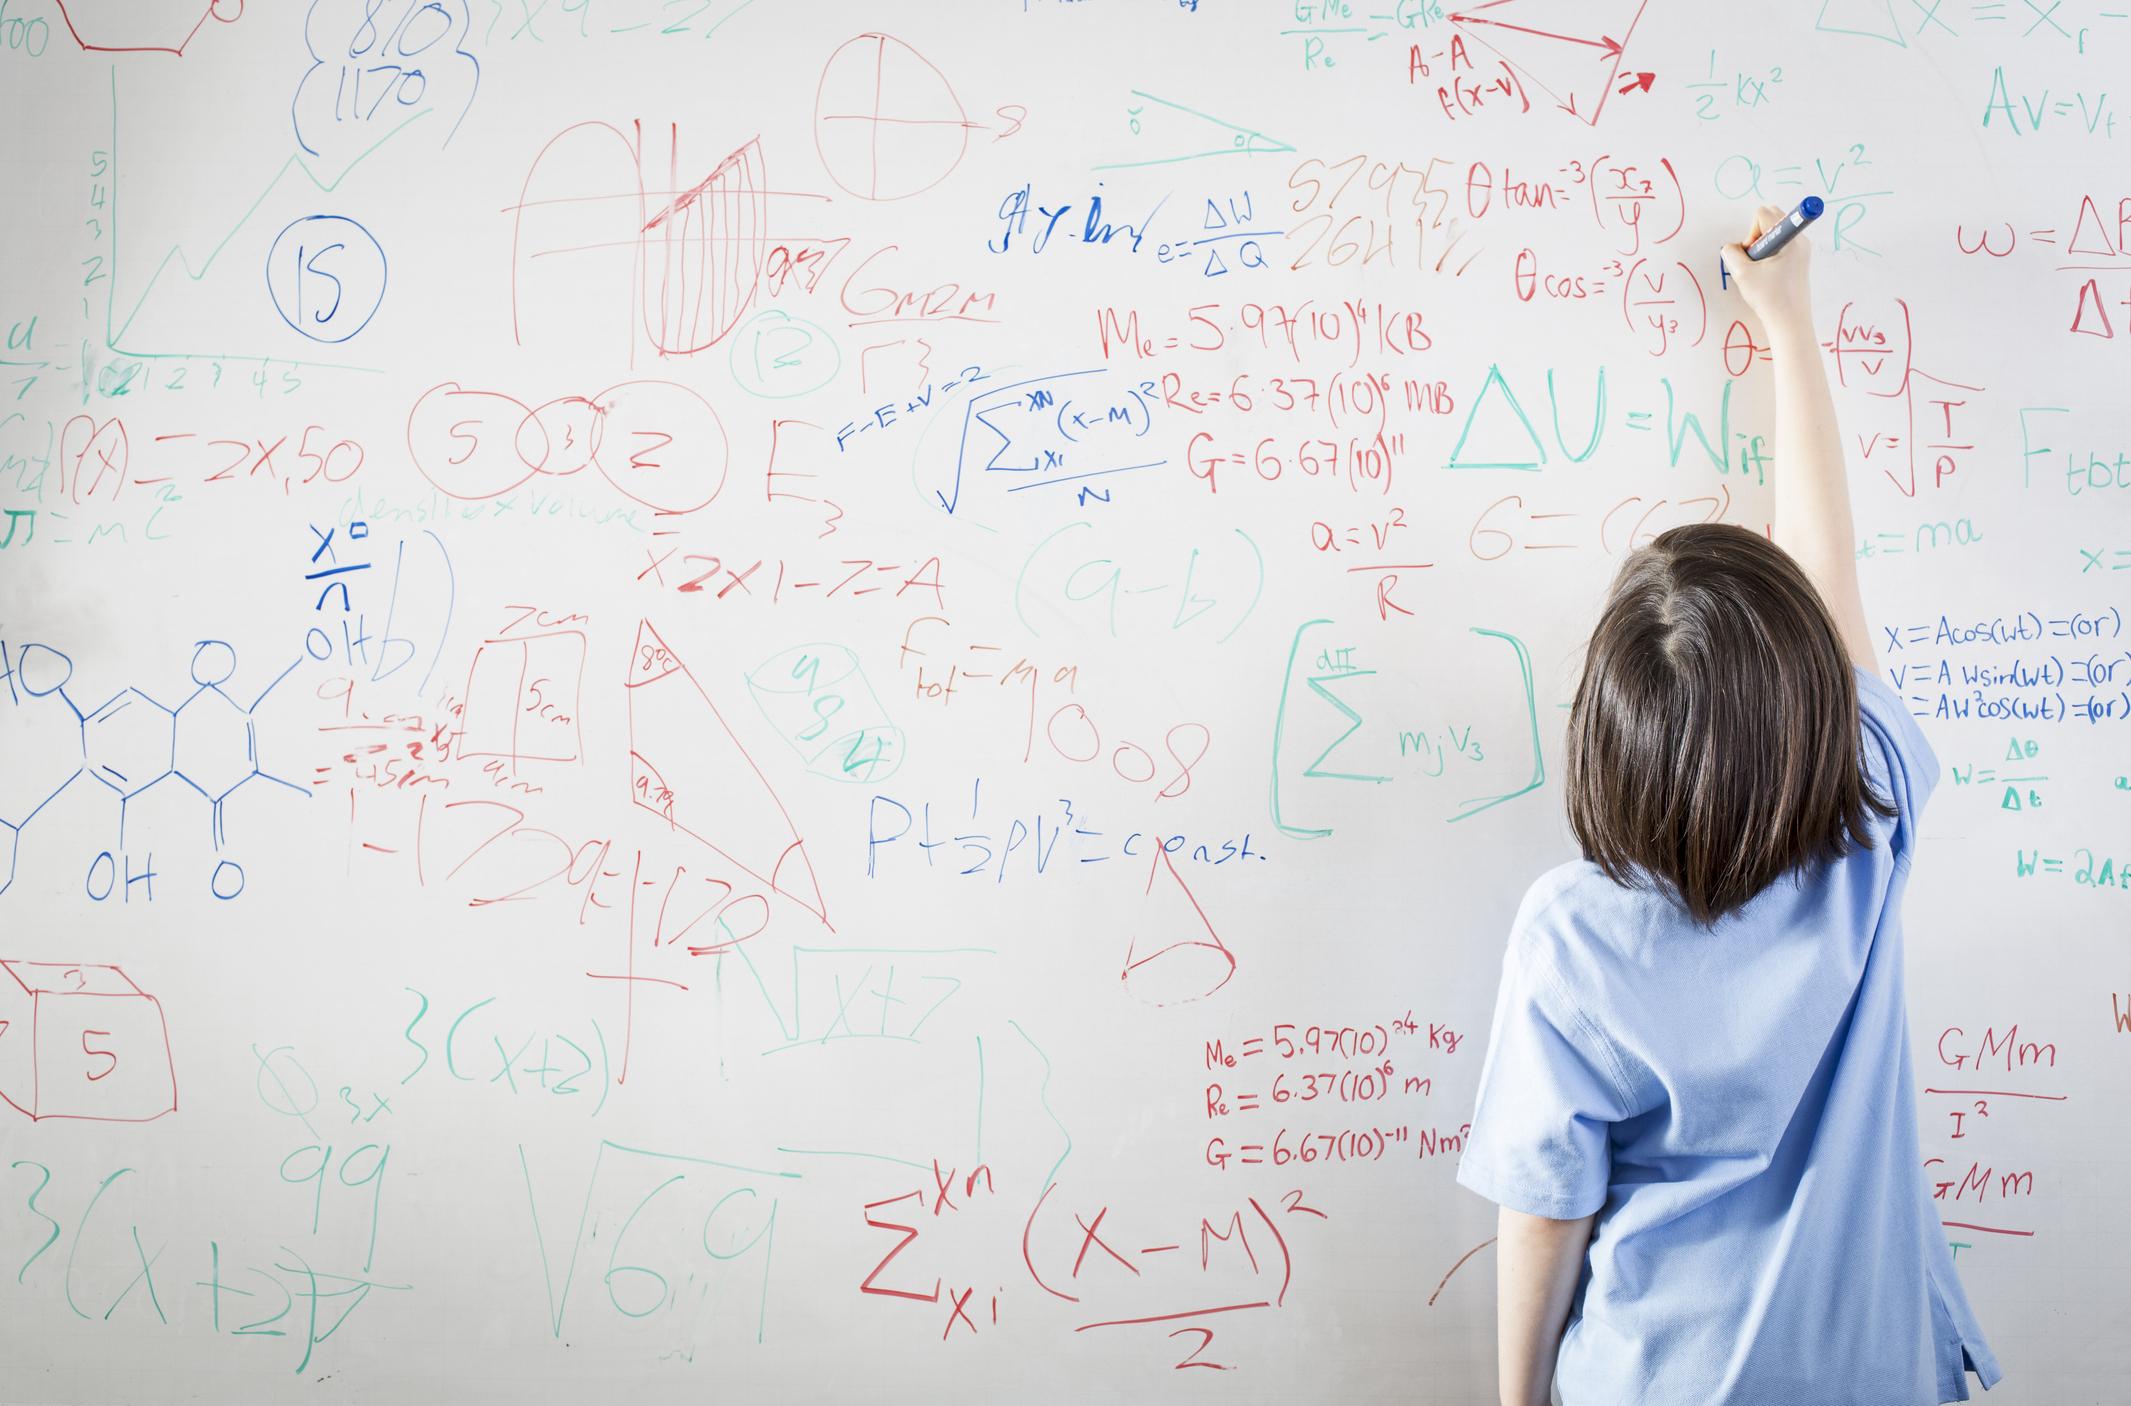 Organização de aprendizado